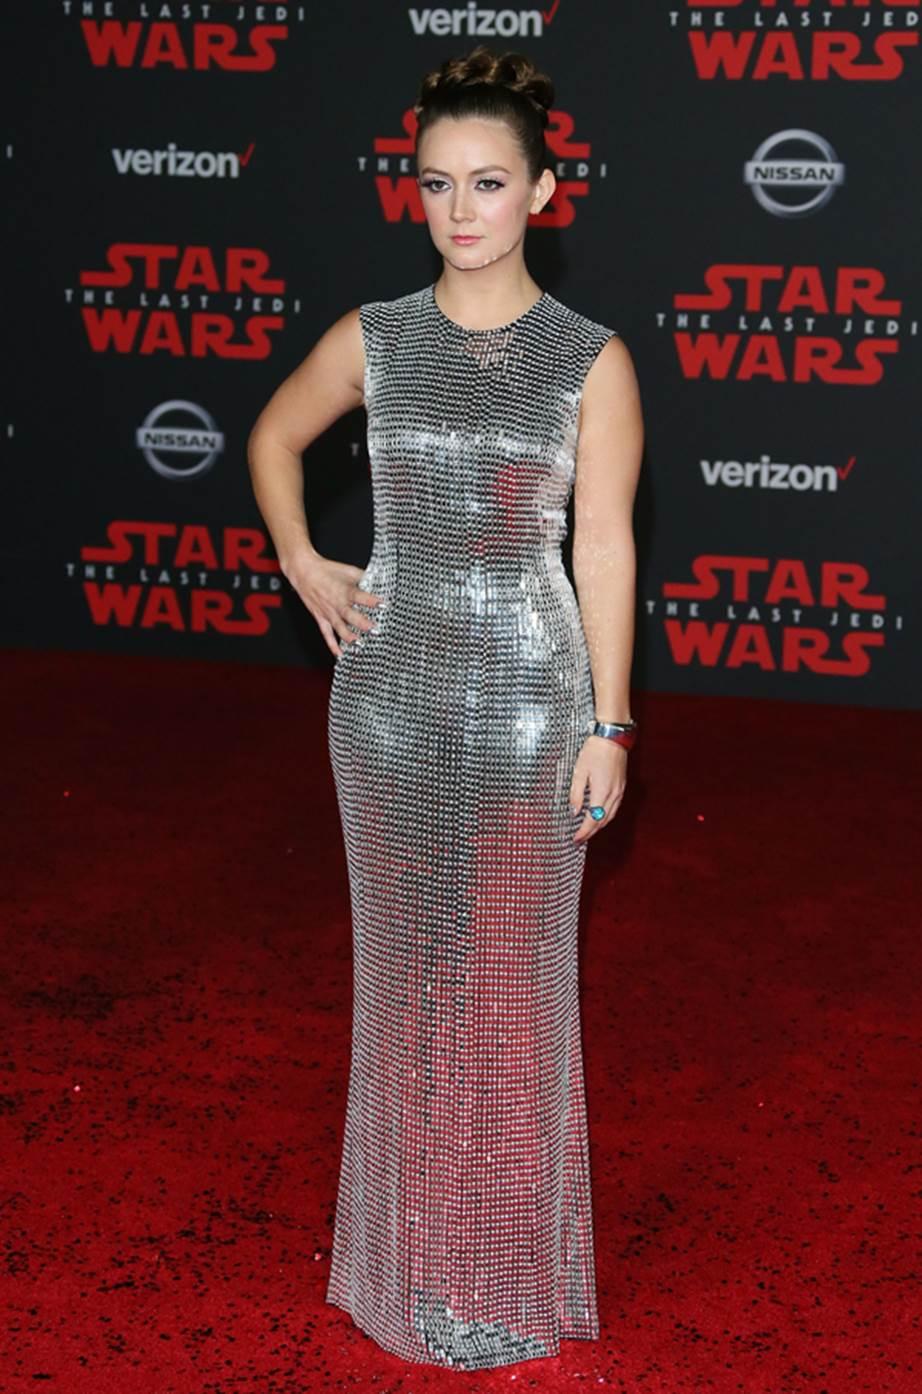 Billie Lourde tỏa sáng thực sự trong thiết kế của Tom Ford. Cô để kiểu tóc của công chúa Leia, và mang chiếc nhẫn của mẹ mình để tri ân đến bà - nữ diễn viên Carrie Fisher.